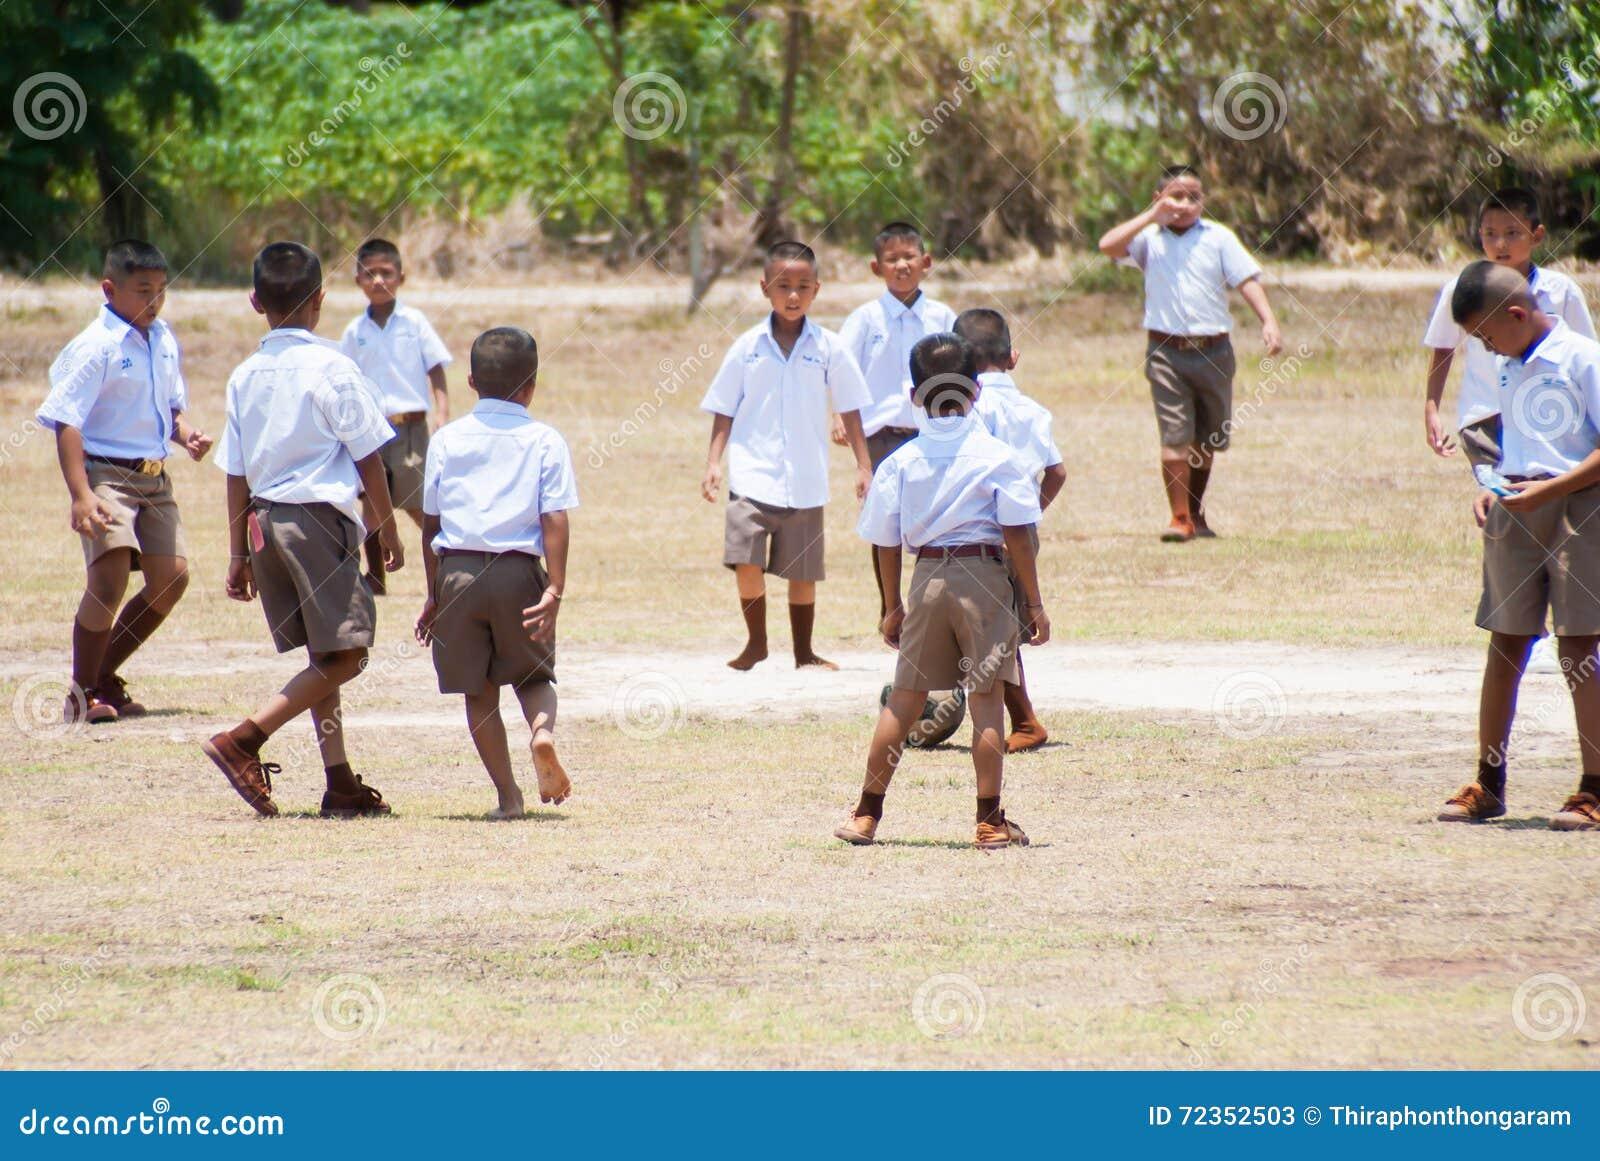 Thailändsk fotboll för barnlek